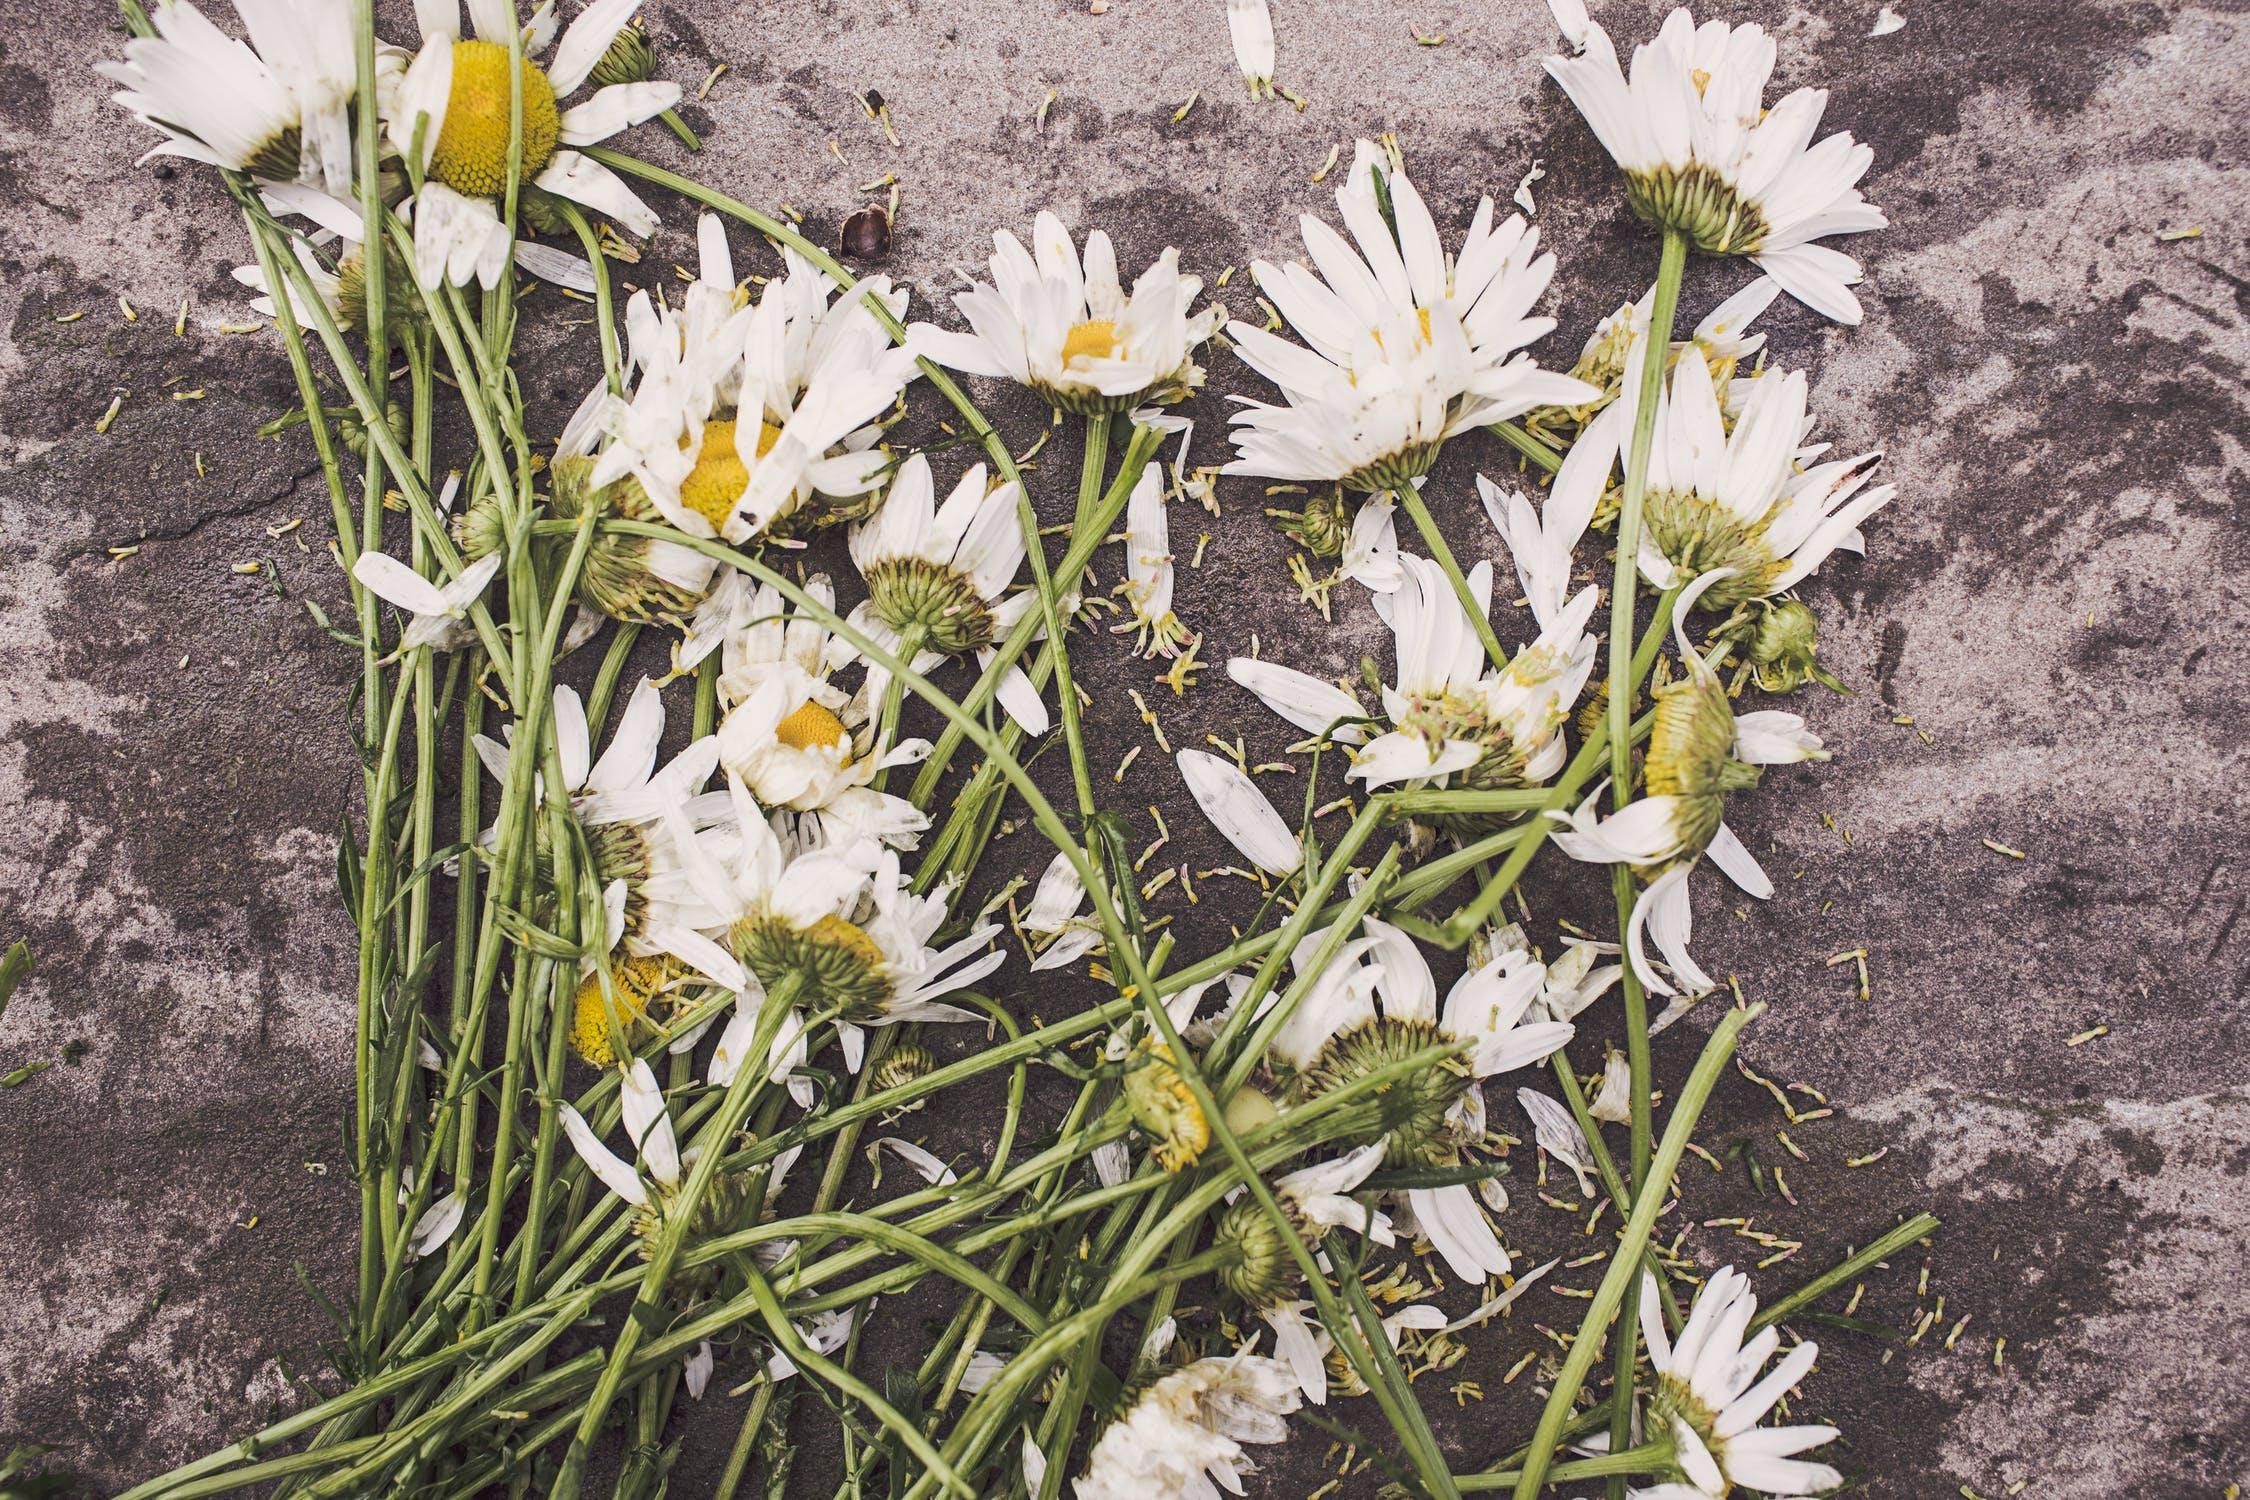 Odszkodowanie i zadośćuczynienie za wypadek ze skutkiem śmiertelnym